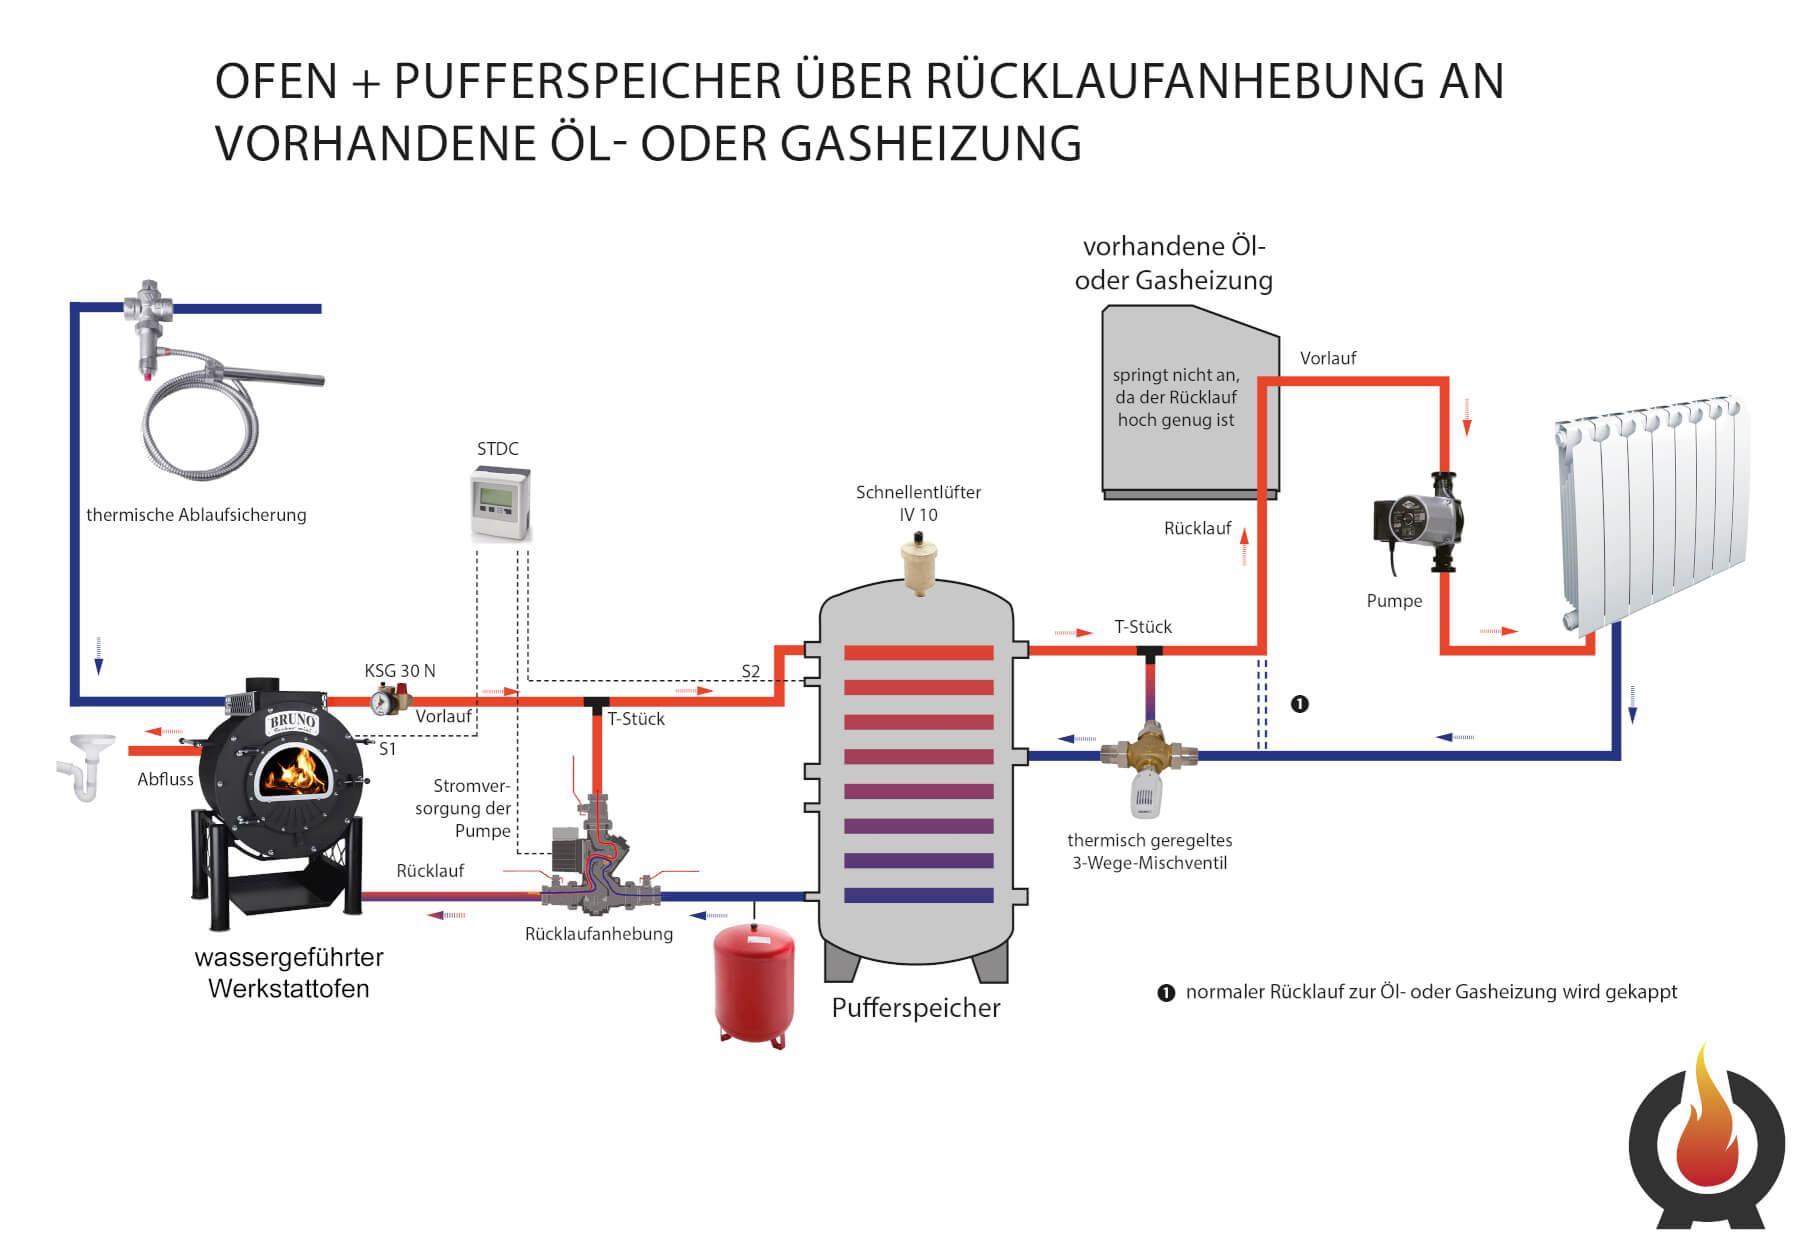 Gemeinsame Pufferspeicher für wassergeführten Kaminofen HaustechnikDialog &XO_26